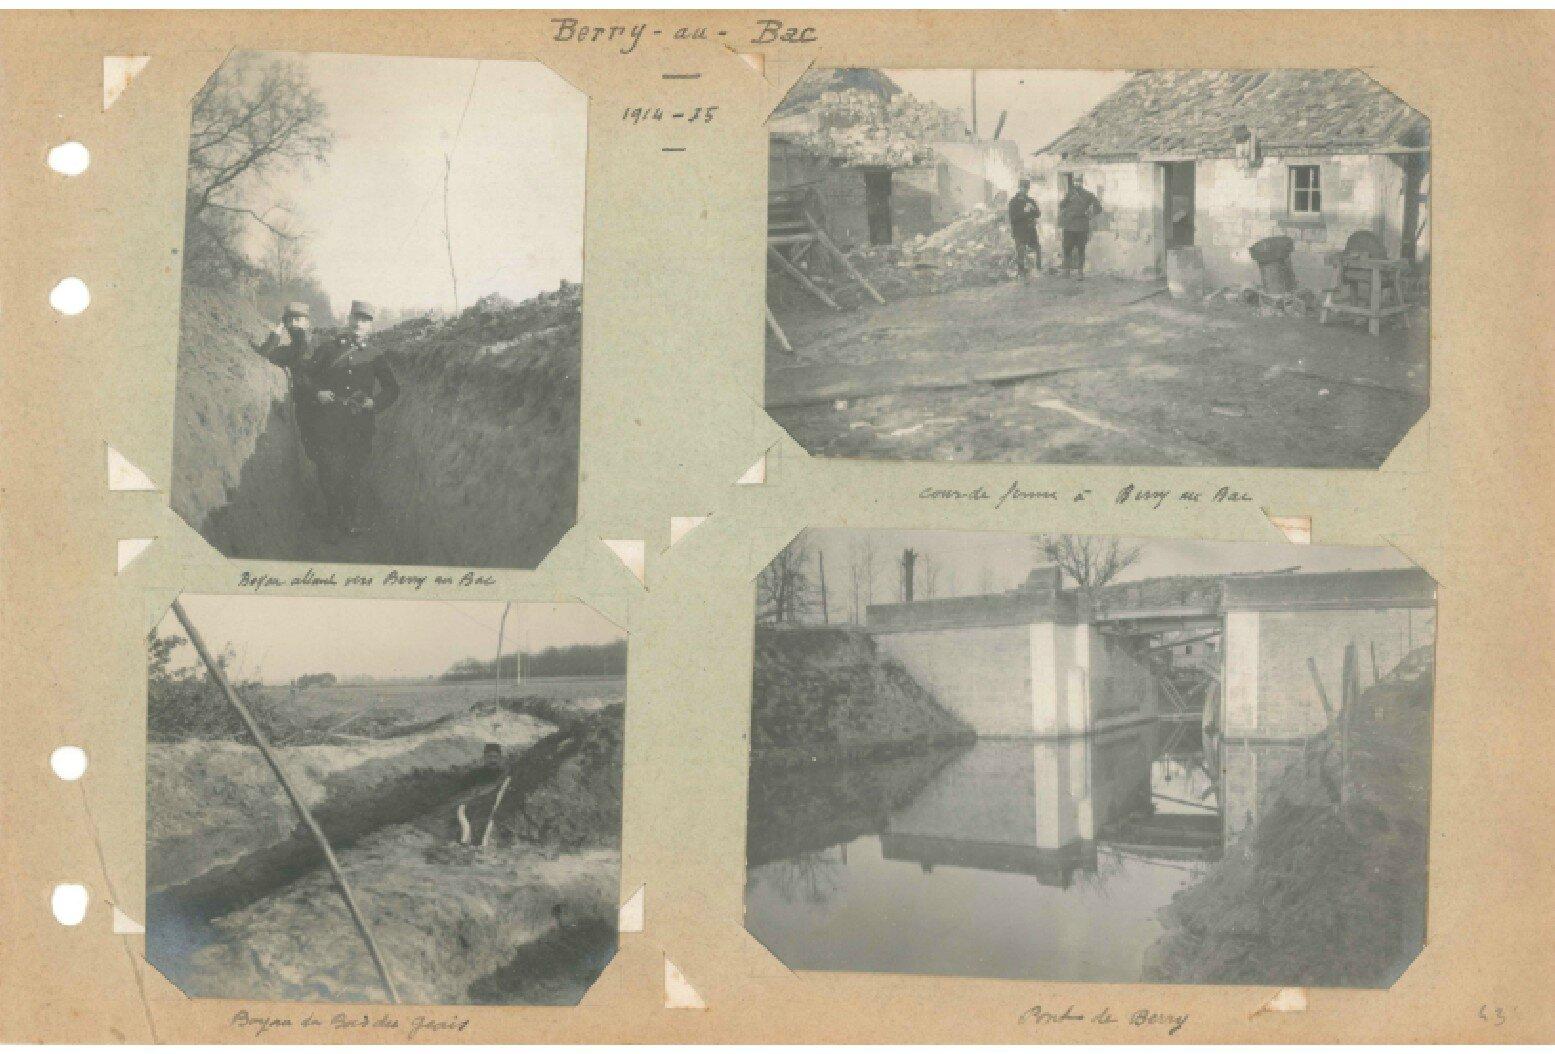 p.043 - Front de l'Aisne (13 septembre 1914 – 22 mai 1915)